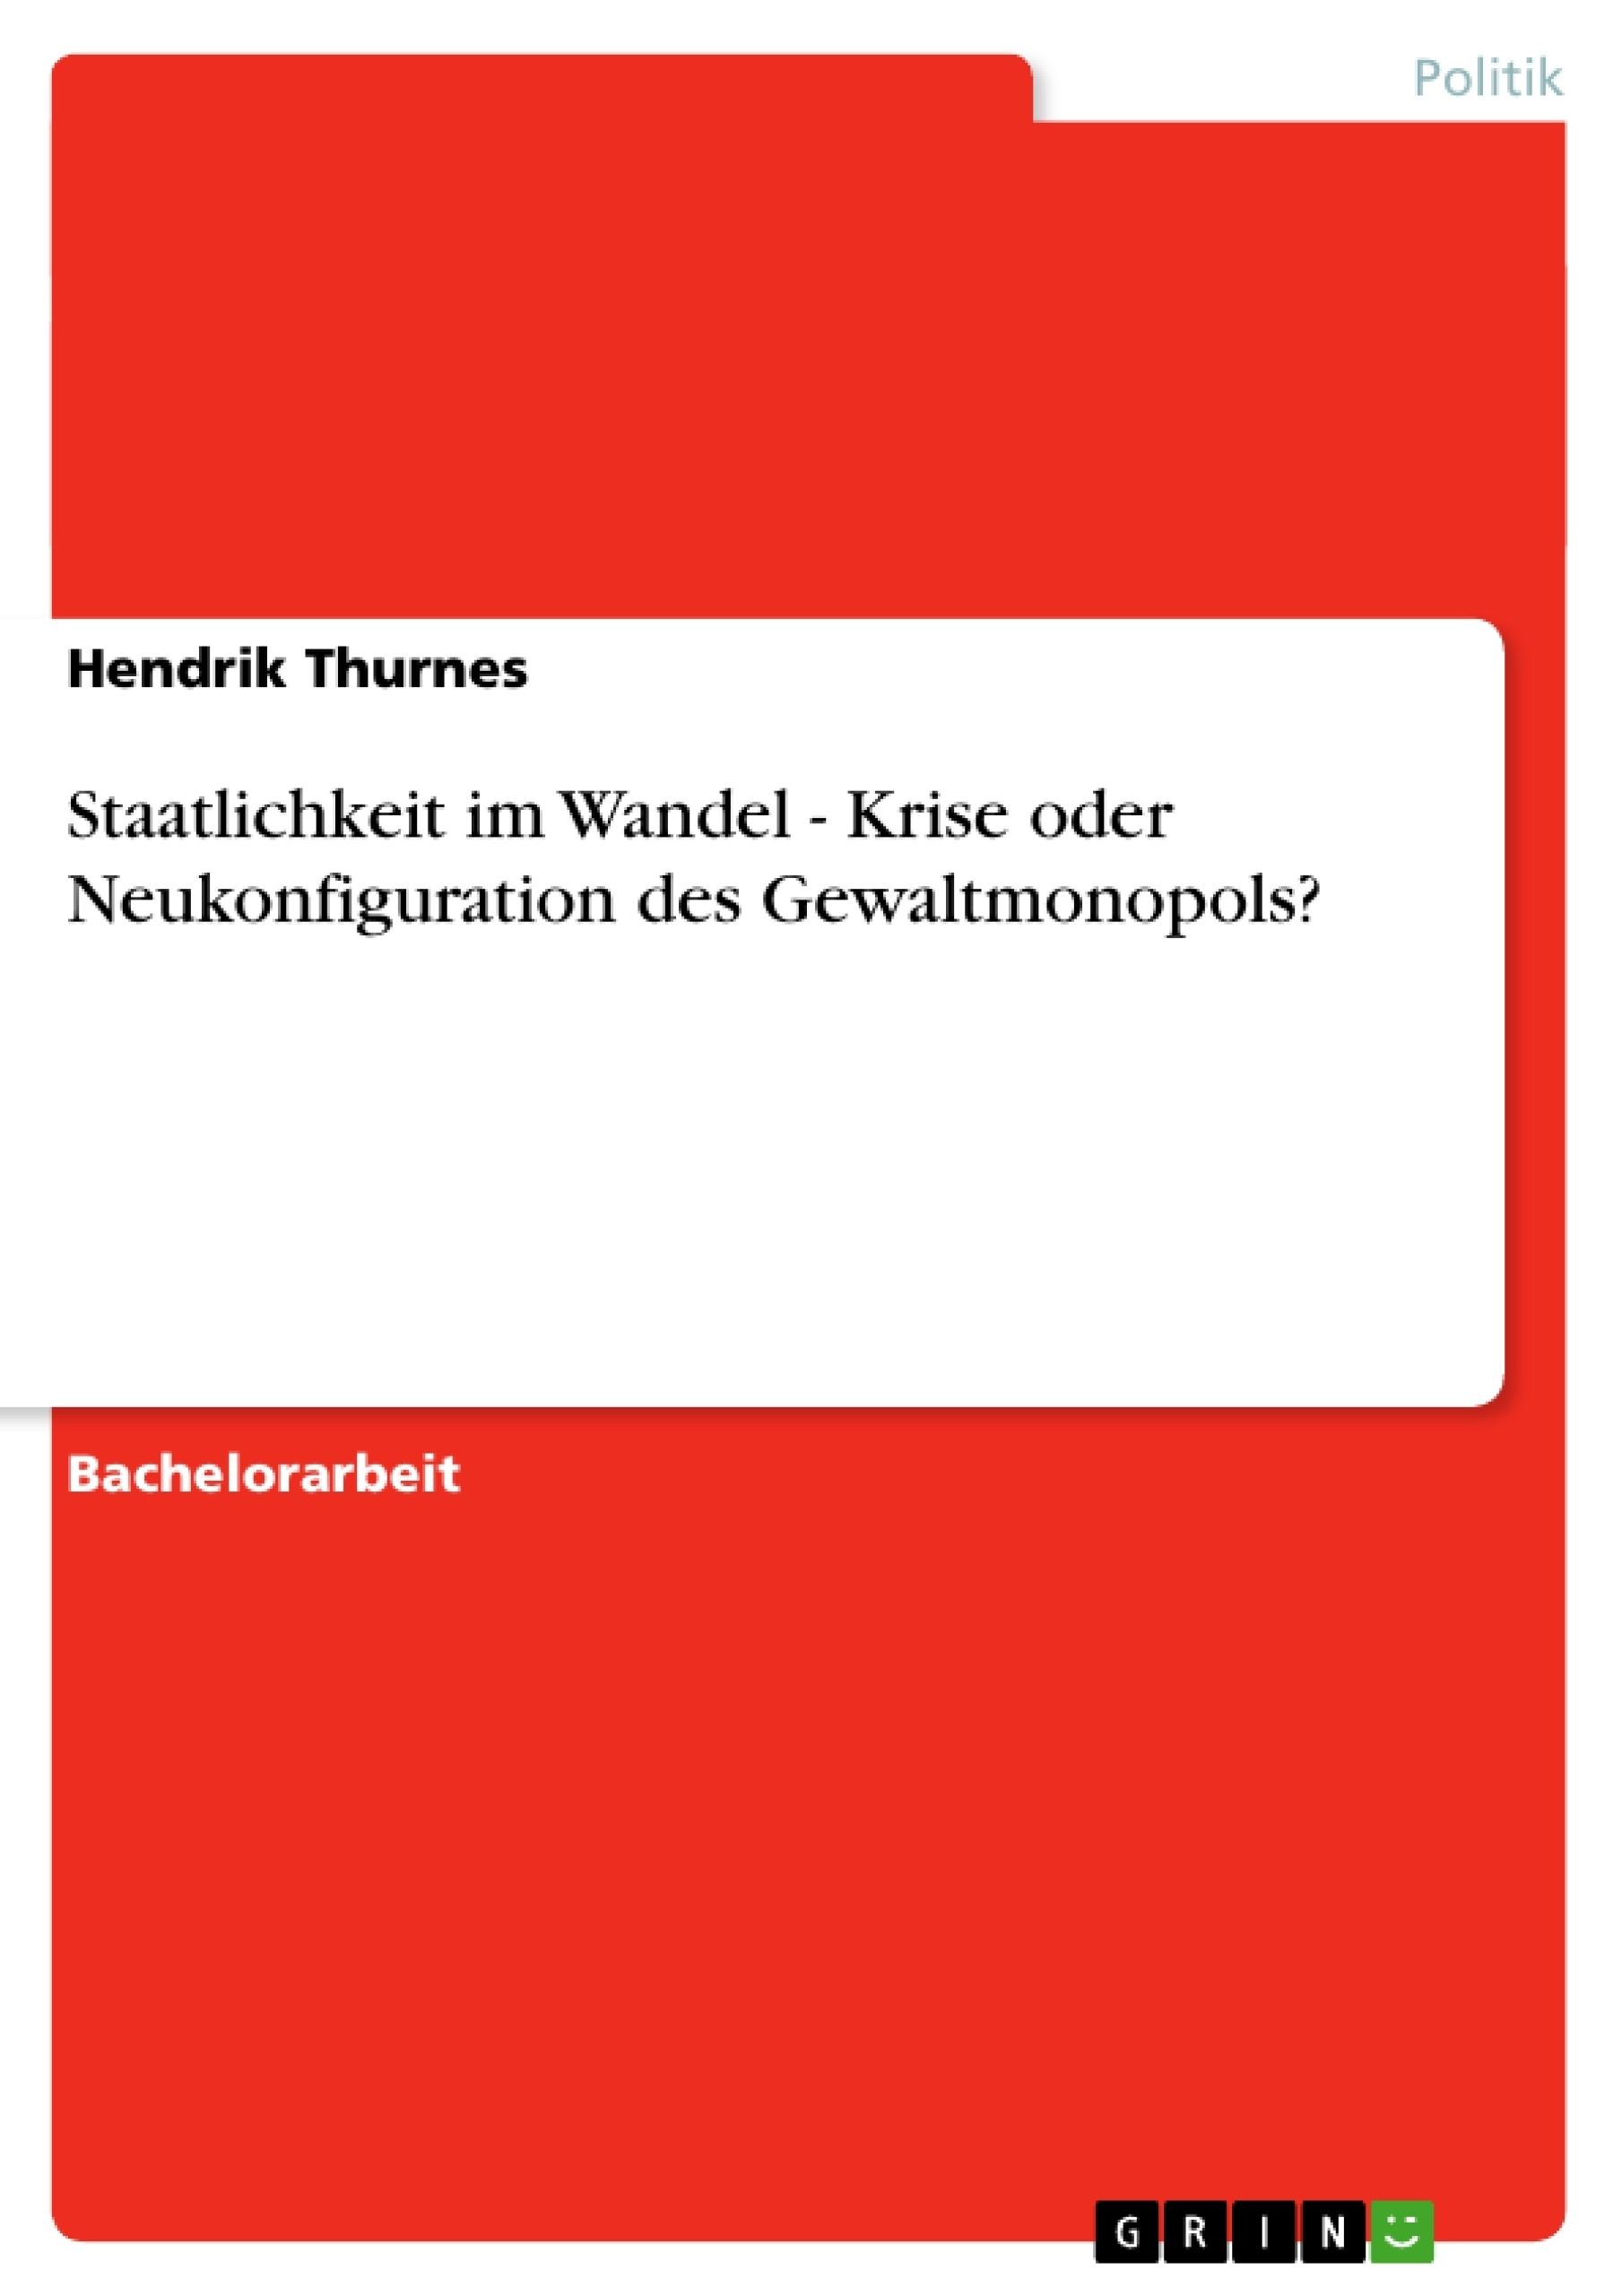 Titel: Staatlichkeit im Wandel - Krise oder Neukonfiguration des Gewaltmonopols?